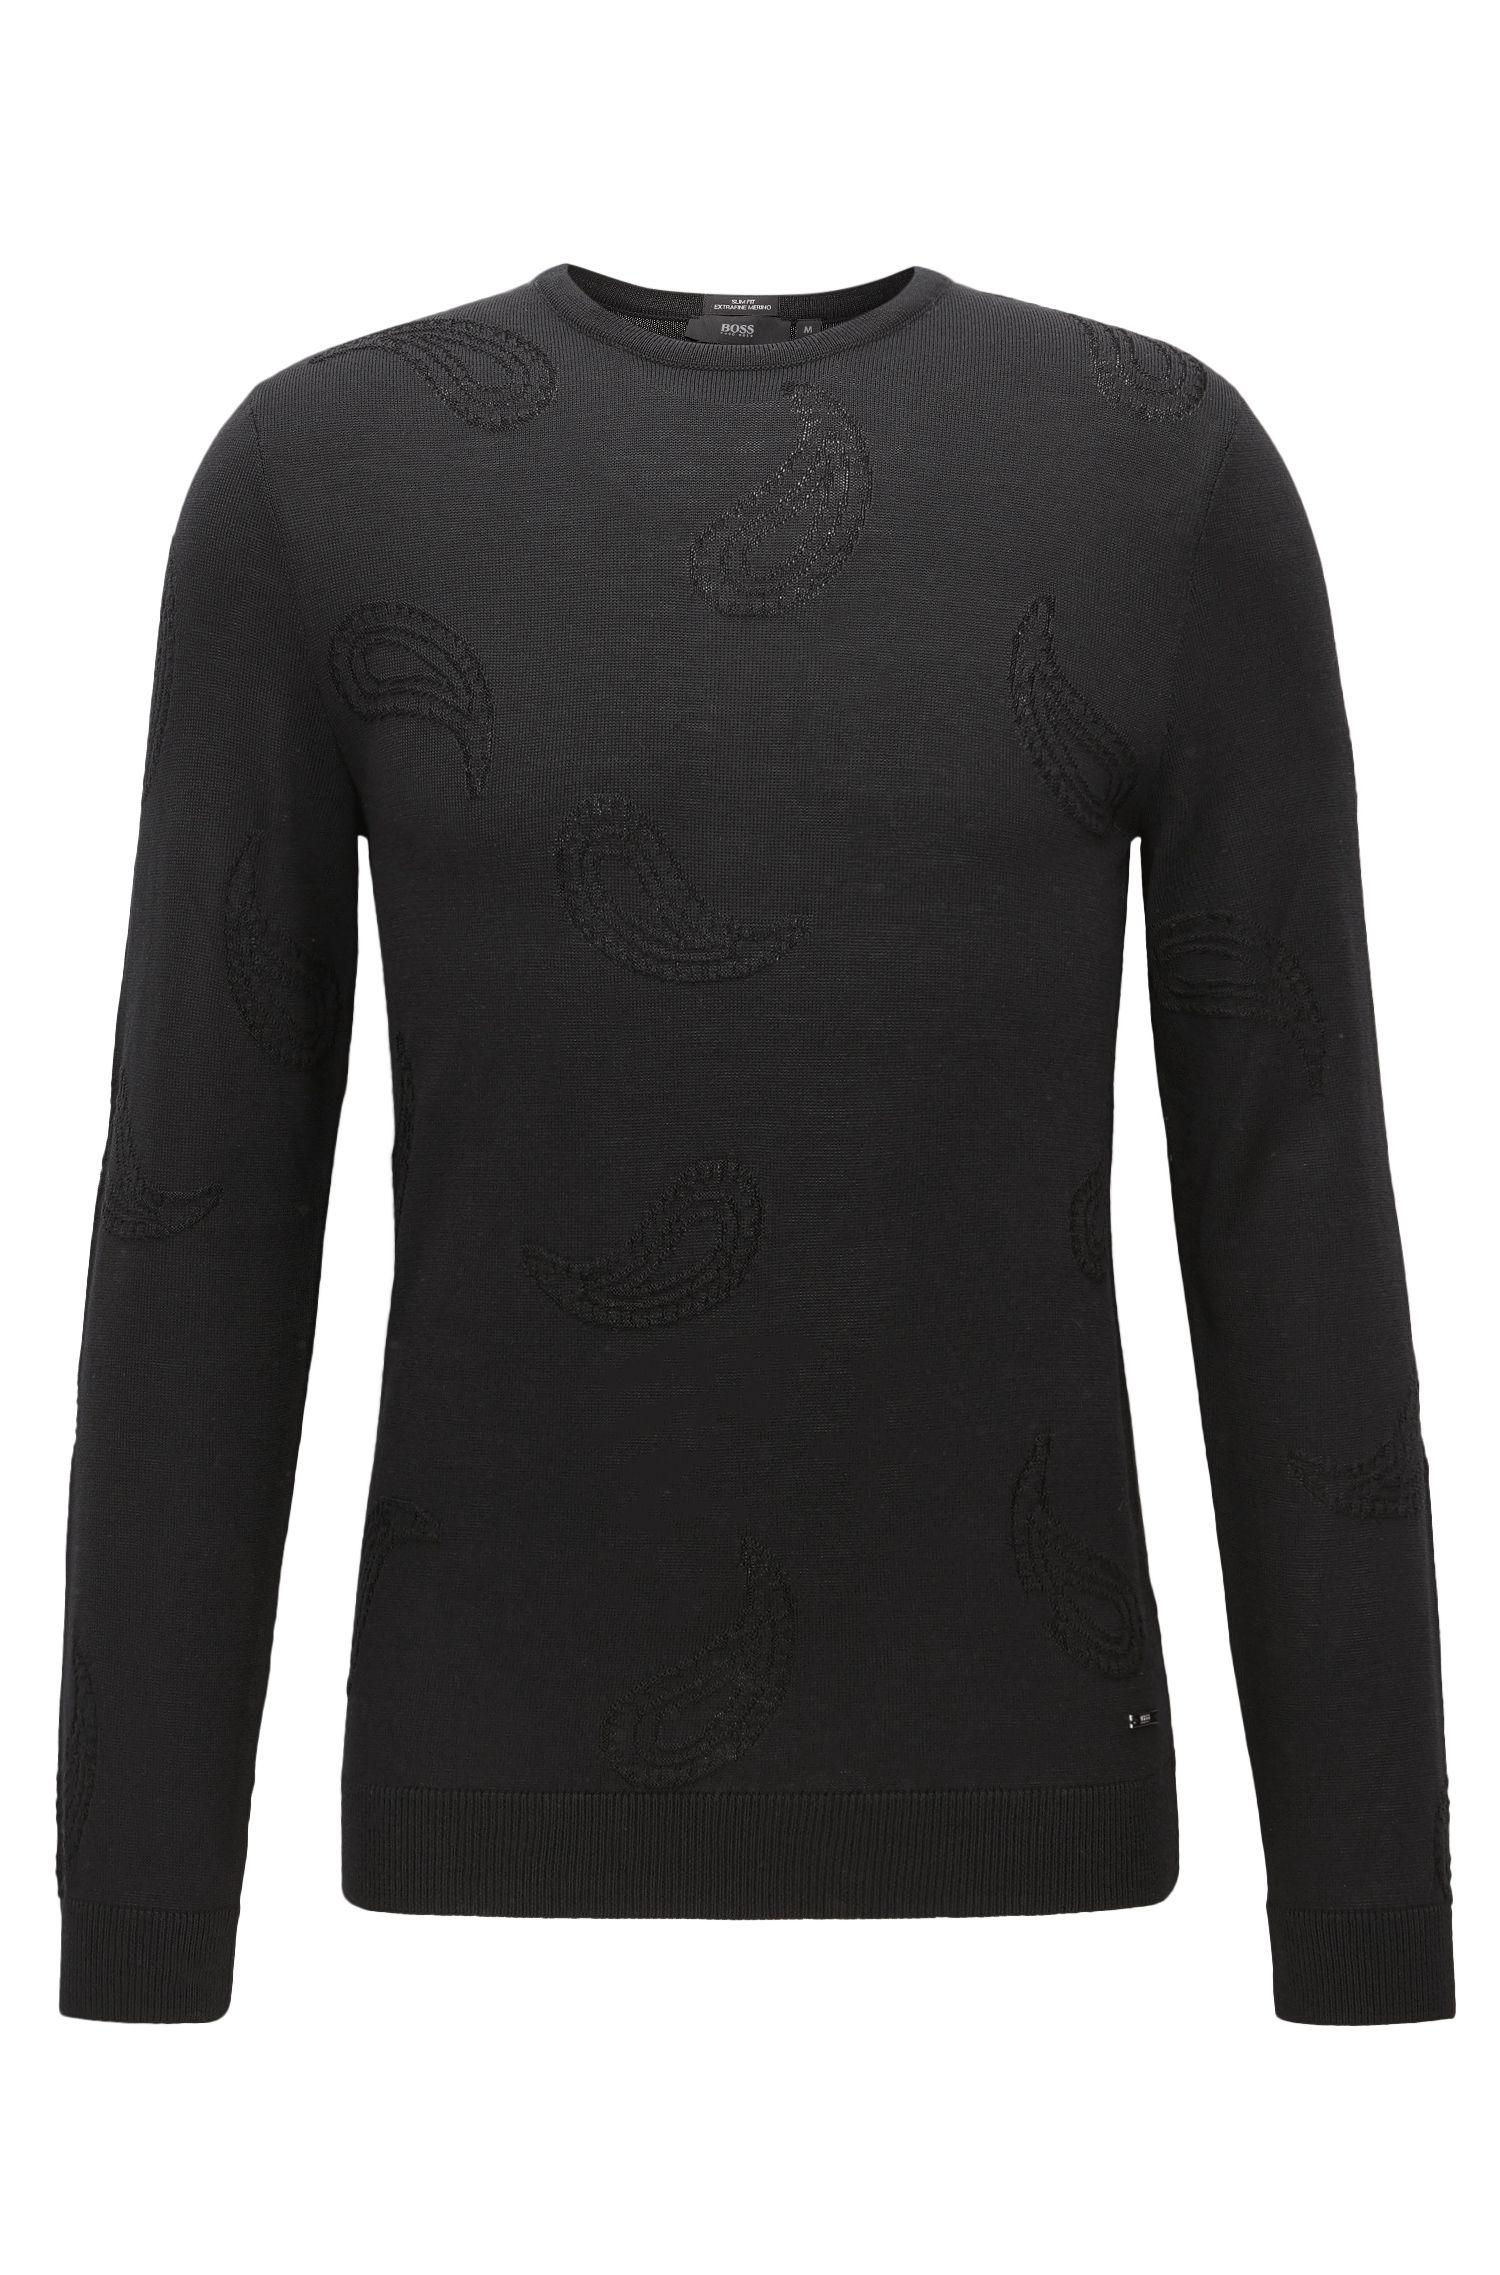 Paisley Jacquard Extra-Fine Merino Sweater | Pontes